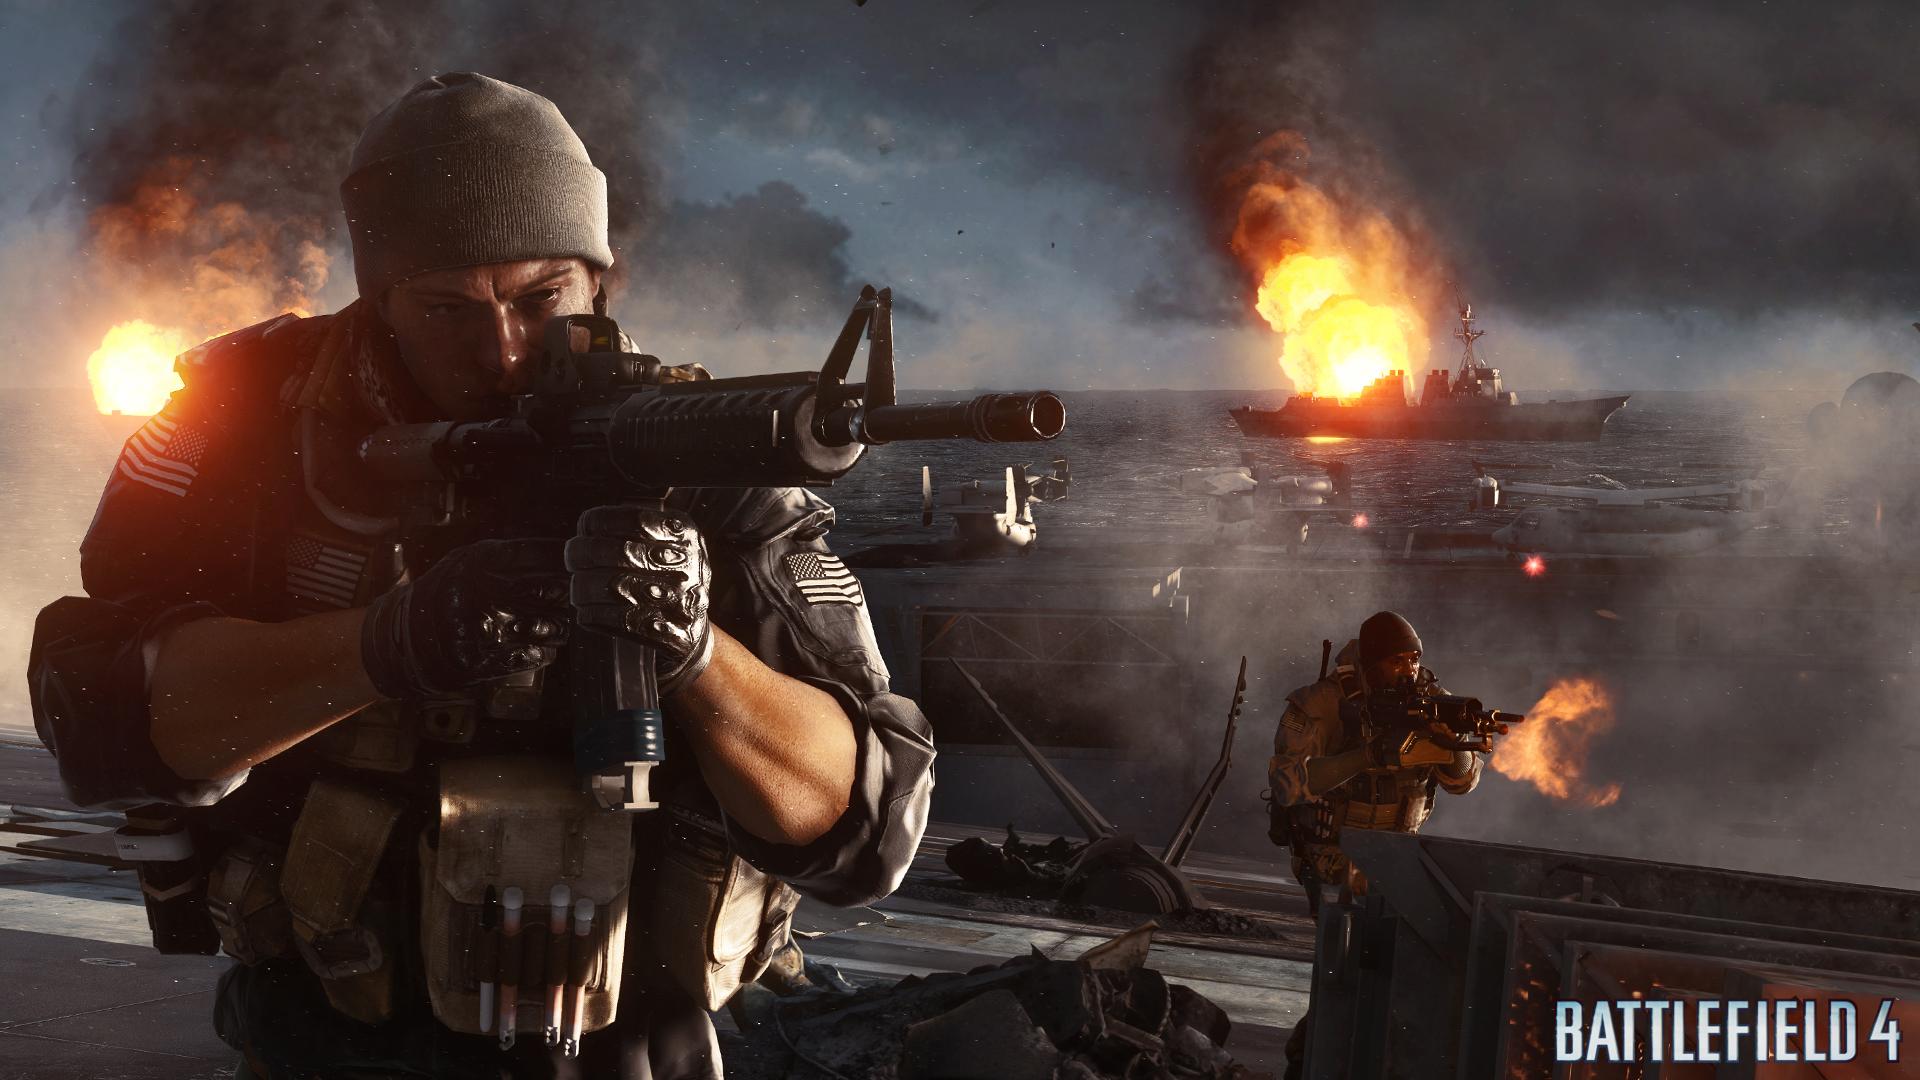 New Battlefield 4 PC patch tweaks weapon balance, Spectator mode